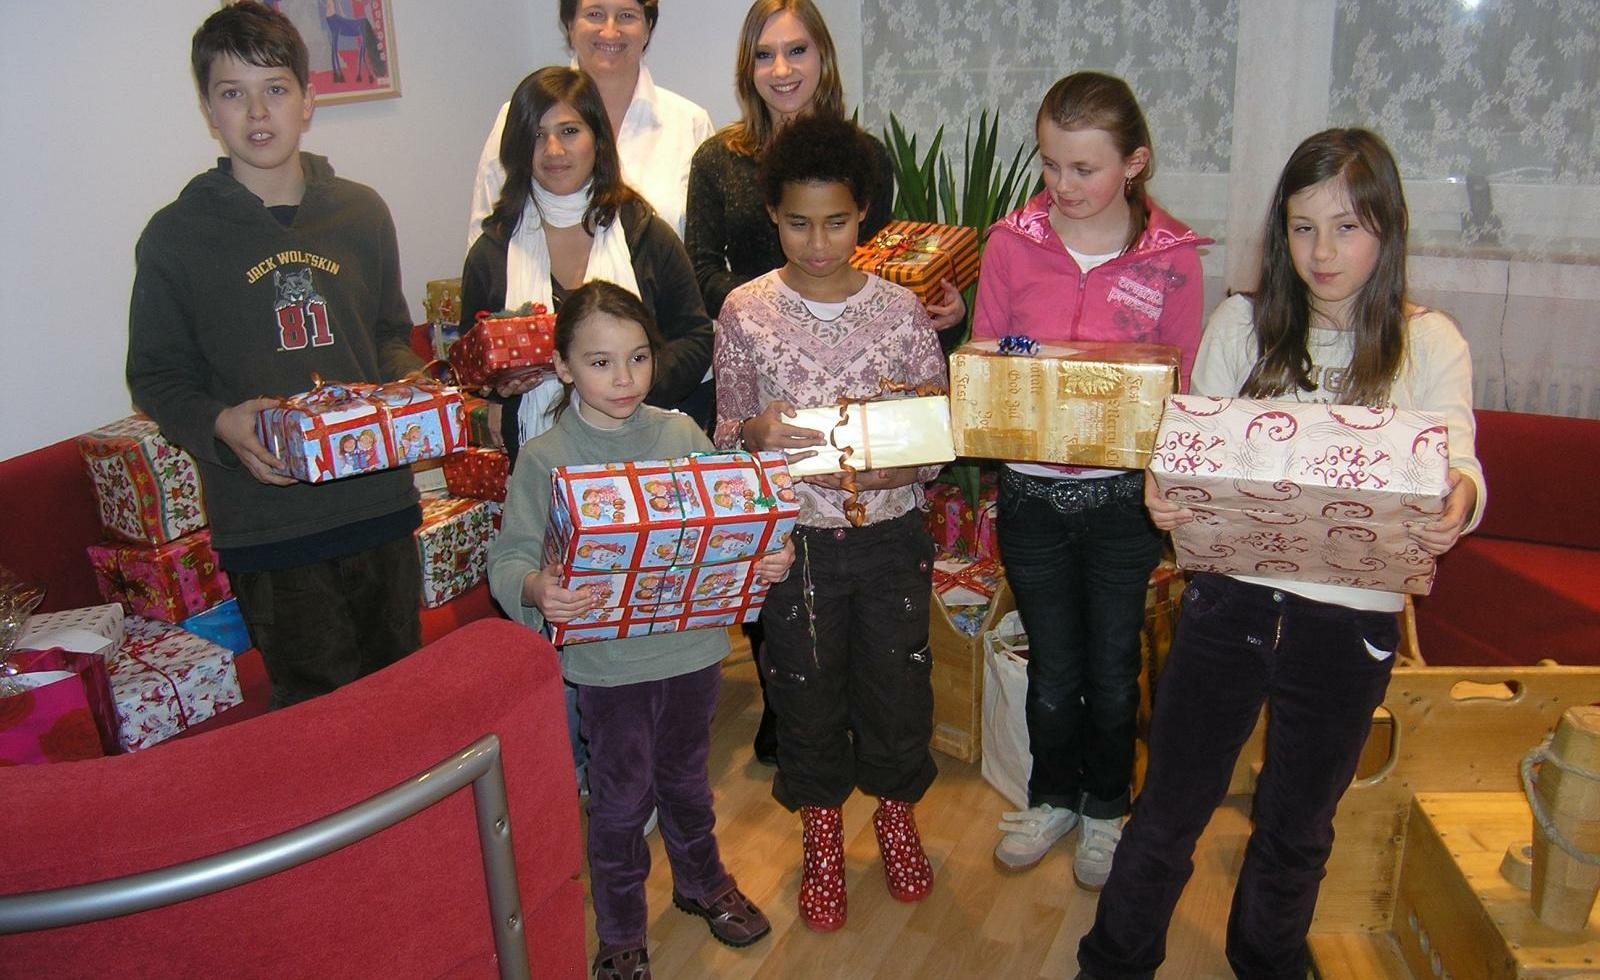 kids to life beschenkt über 100 Kinder aus dem Clemens-Maria-Kinderheim